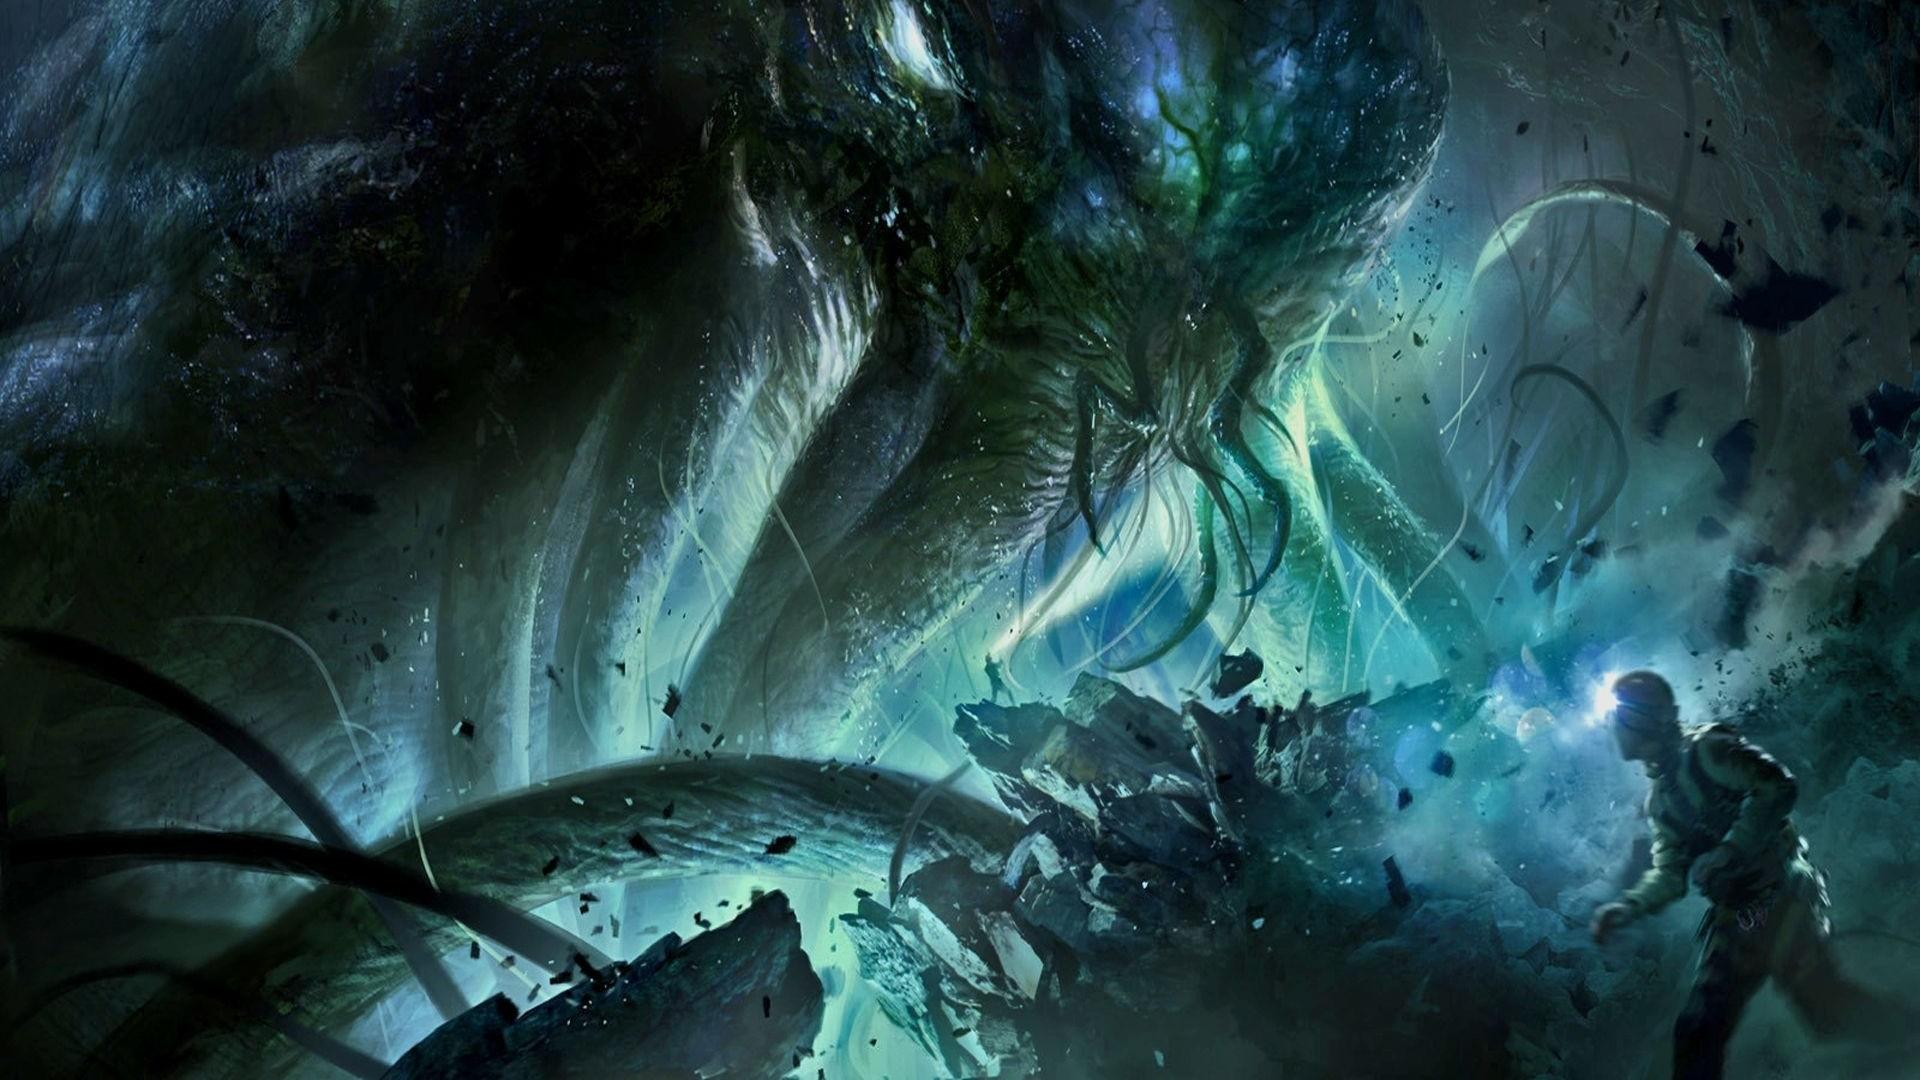 Lovecraft Wallpaper Download Full